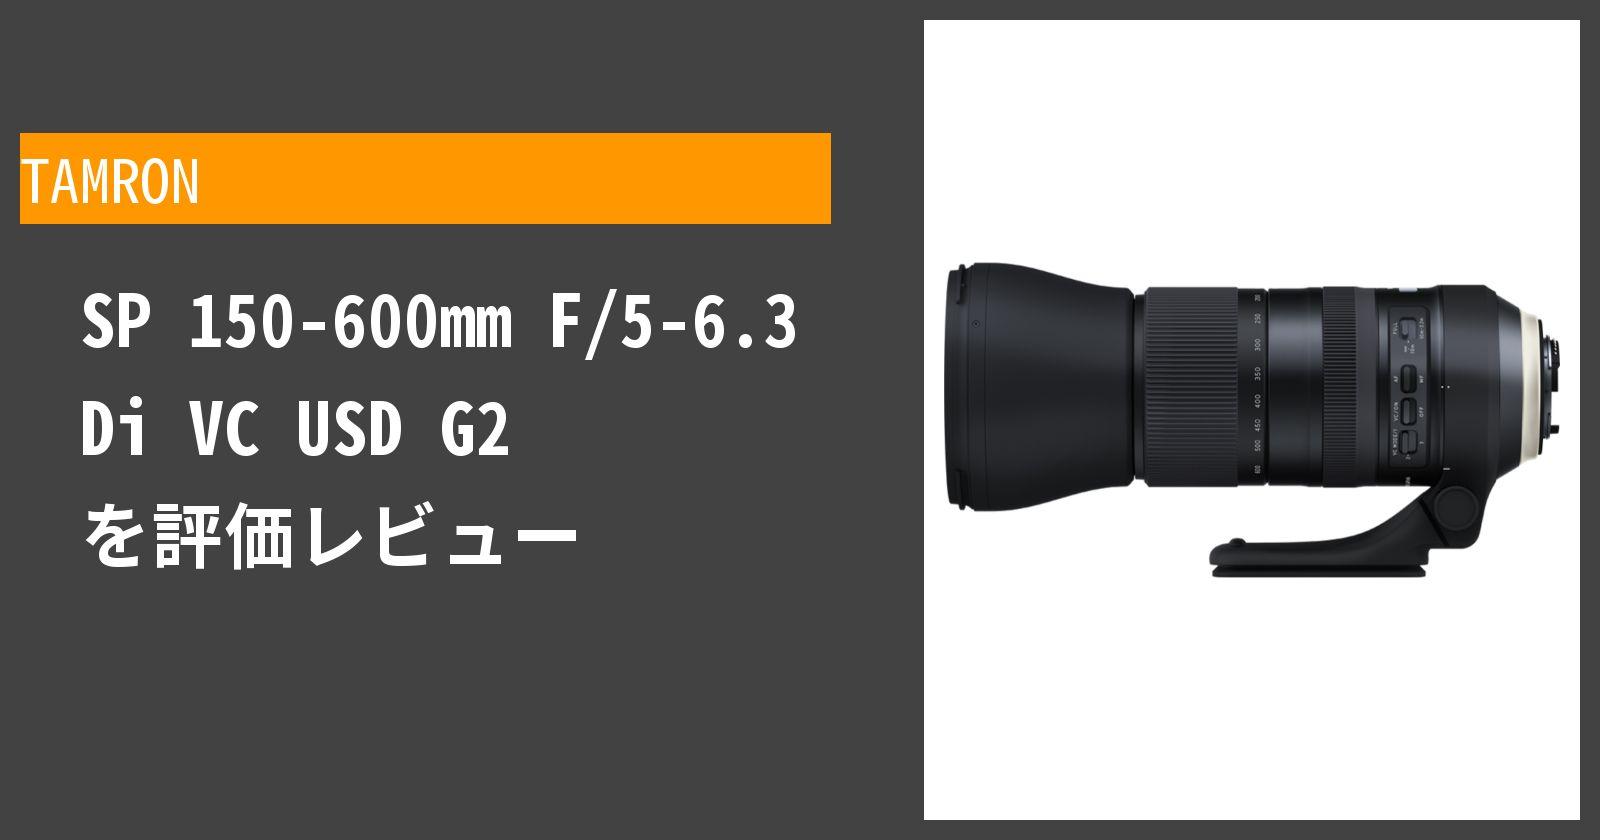 SP 150-600mm F/5-6.3 Di VC USD G2を徹底評価